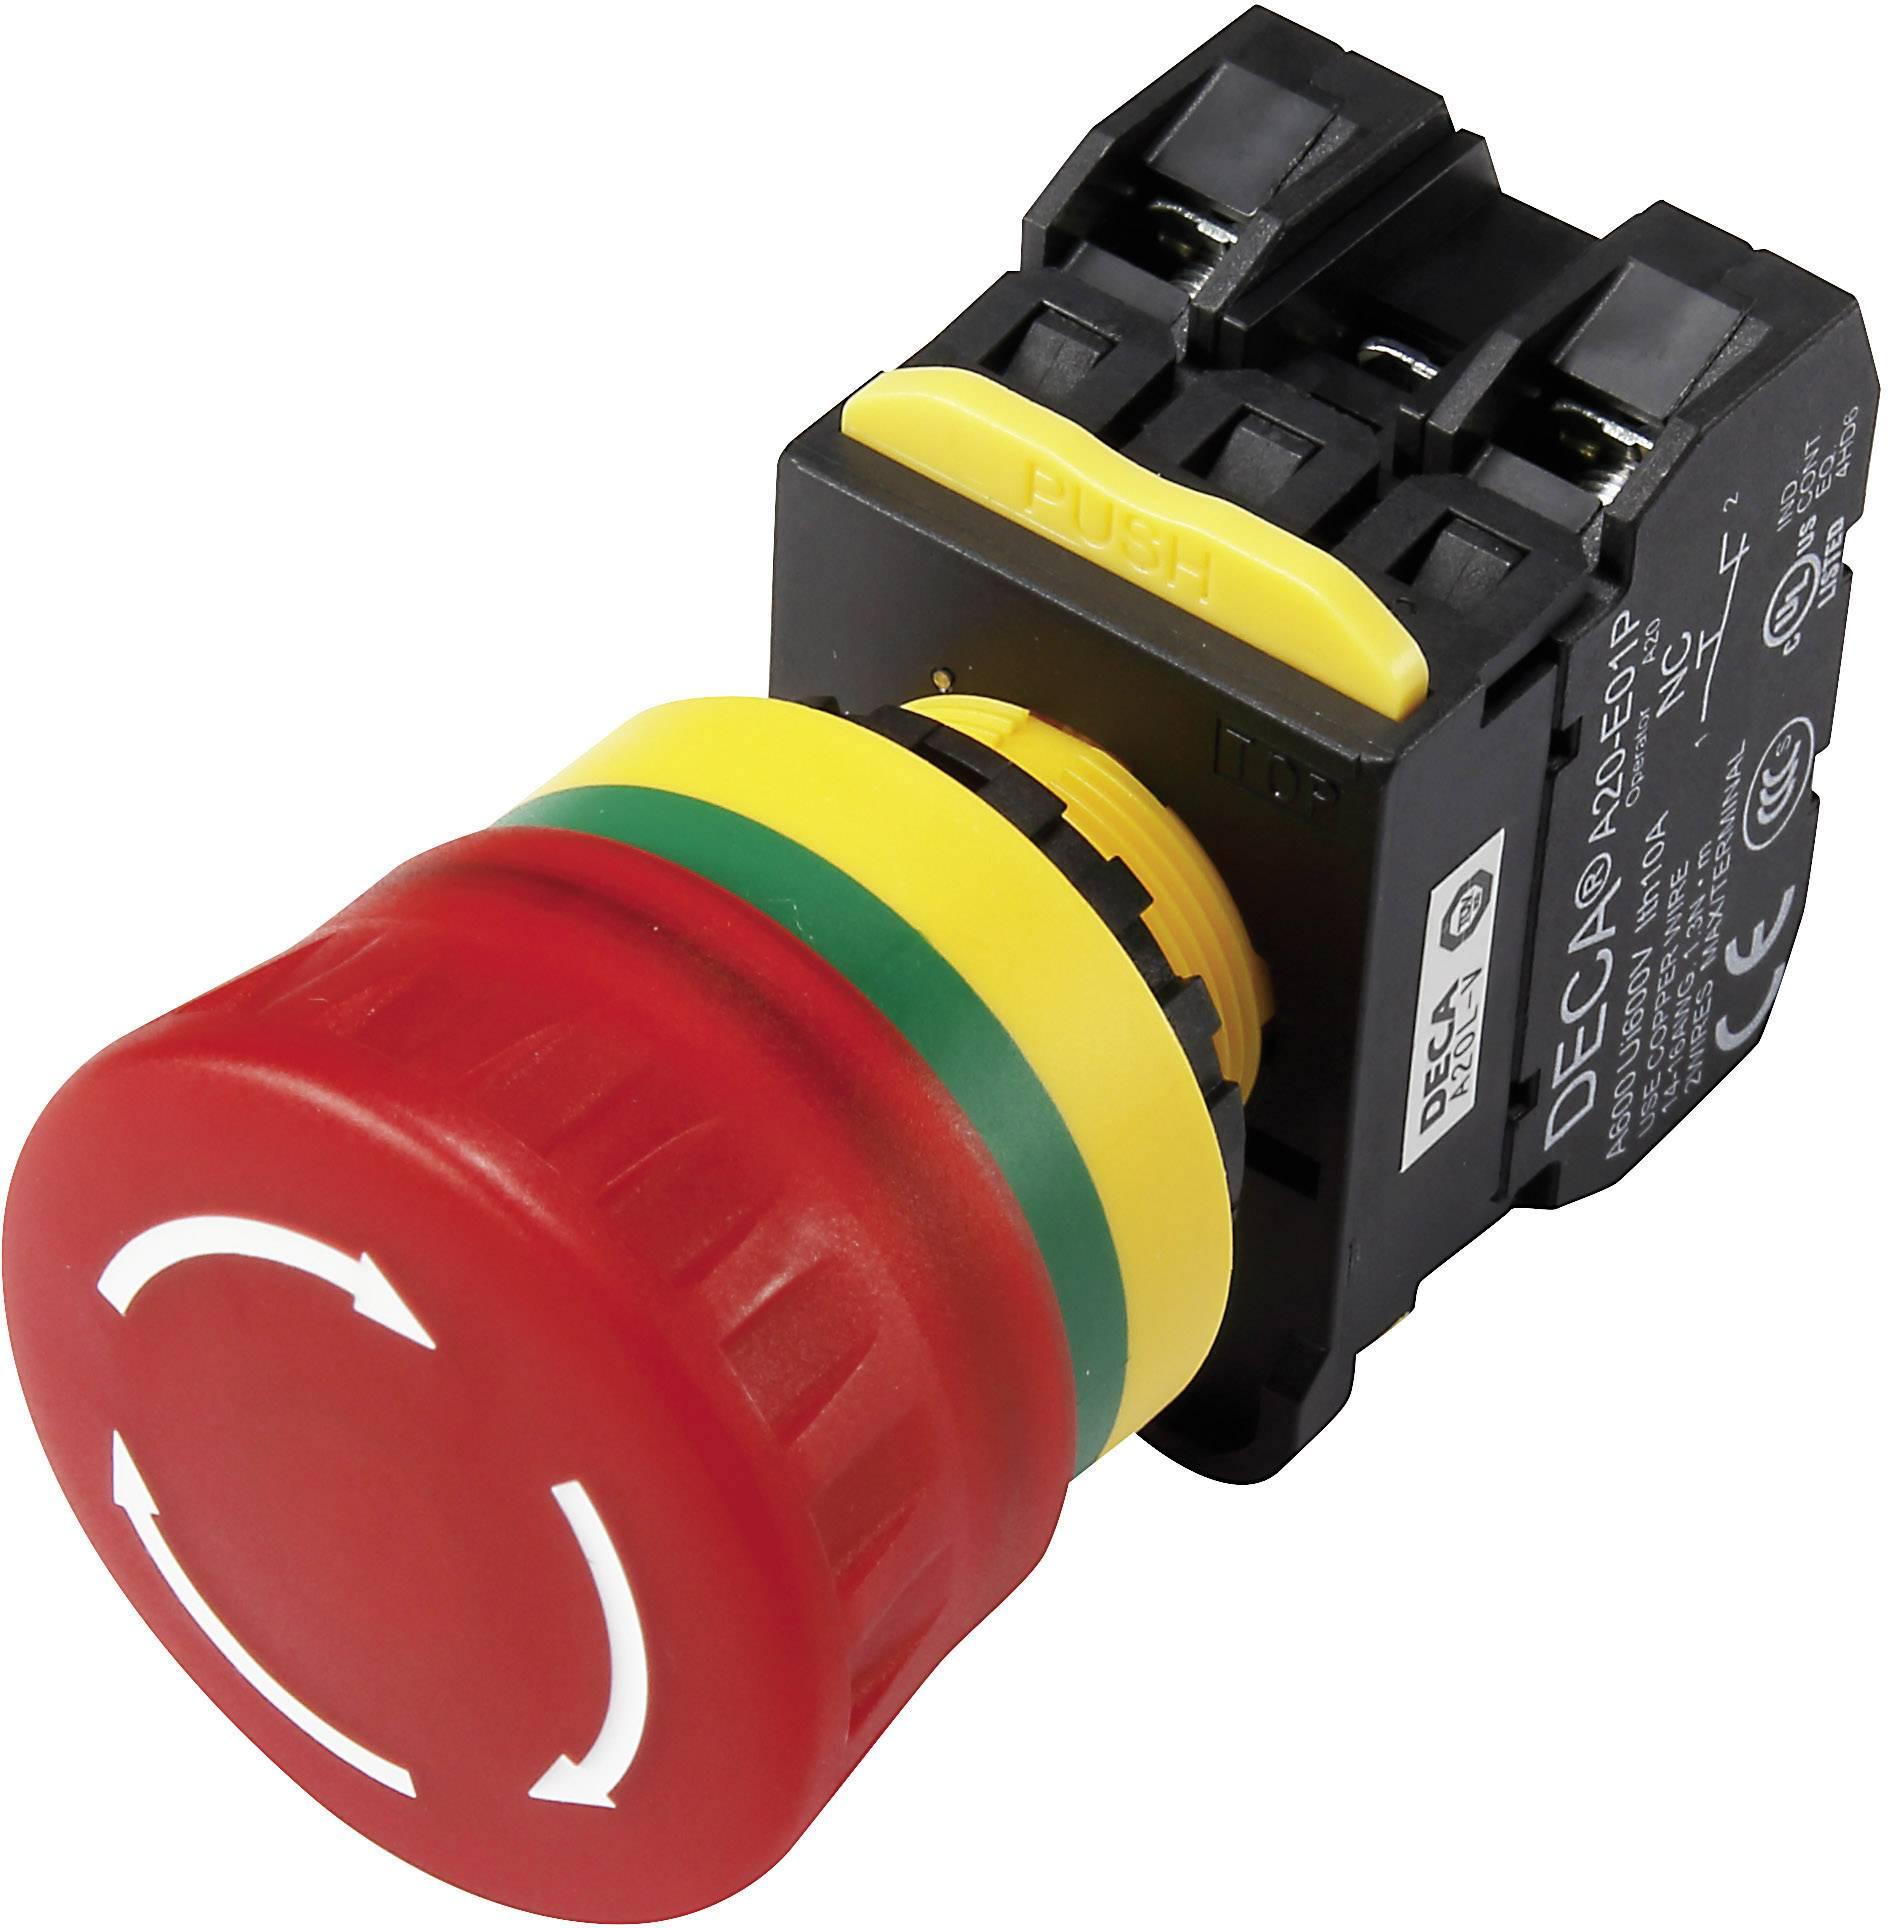 Núdzový vypínač s kontaktným prvkom DECA A20L-V4E02Q5R, 240 V/AC, 6 A